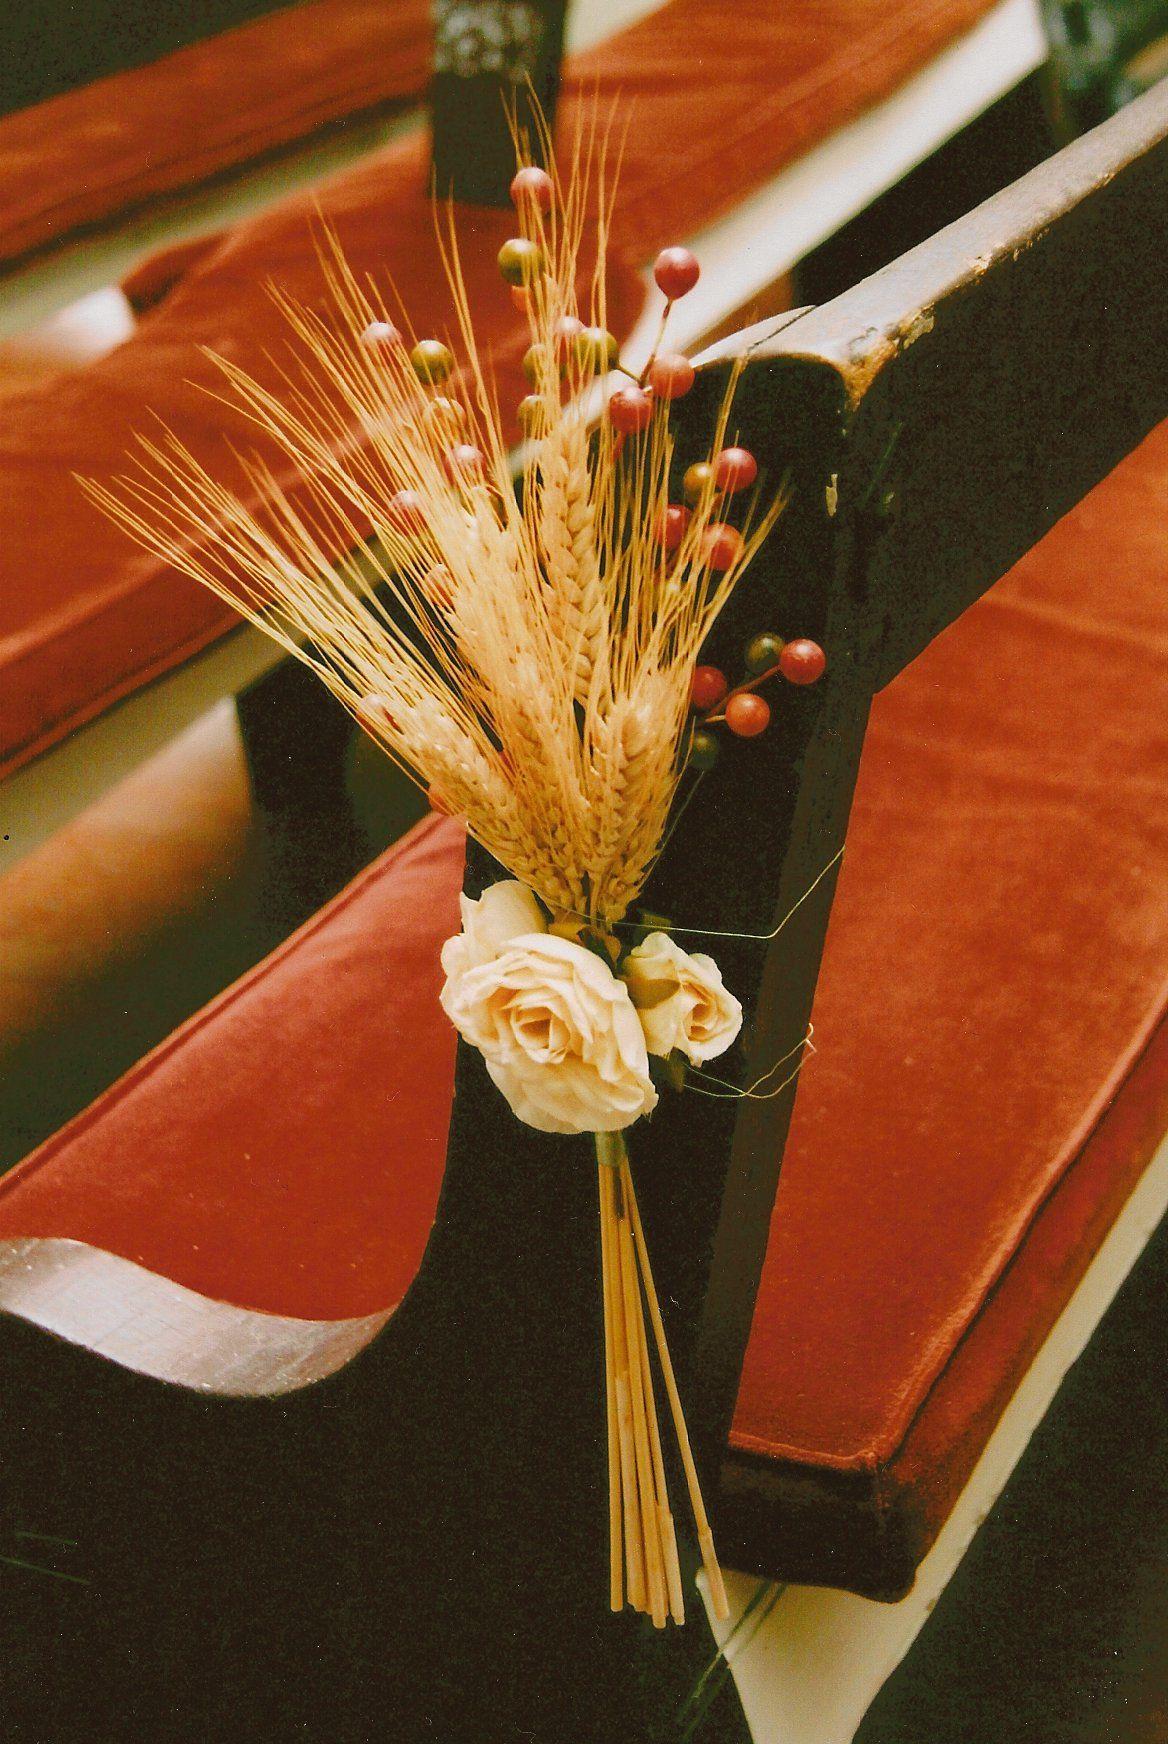 60 Rustic Wheat Wedding Ideas